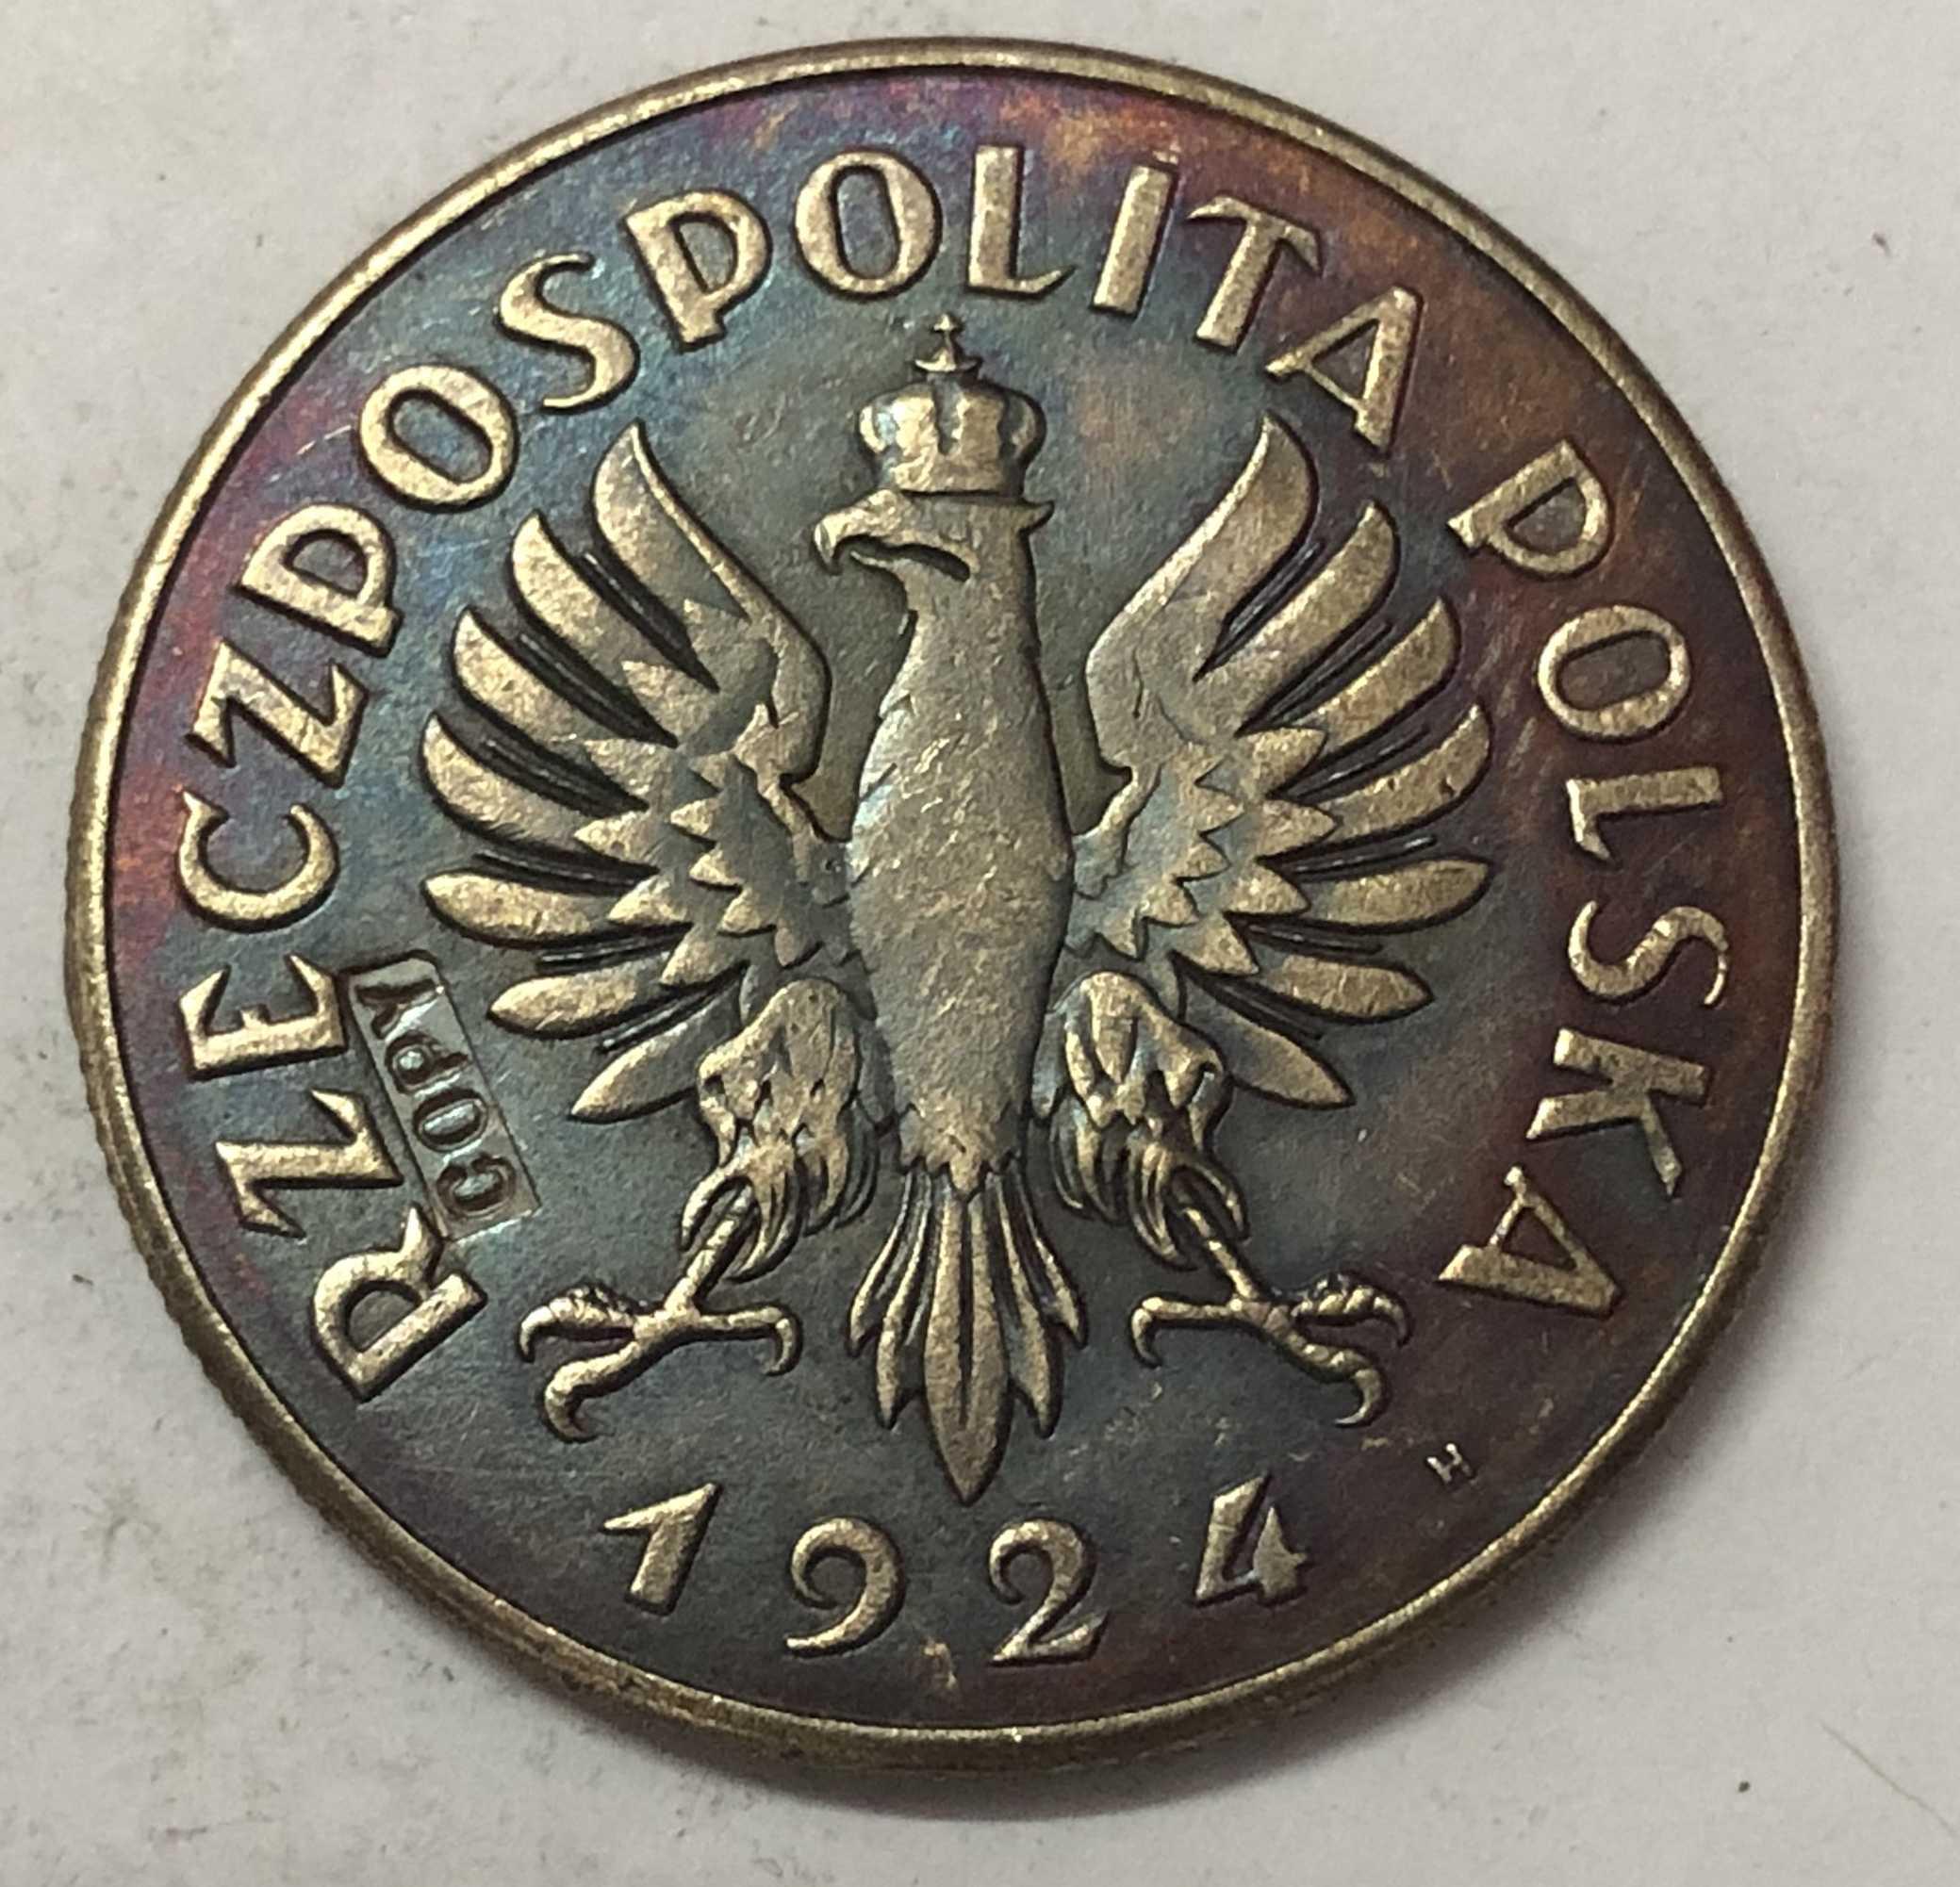 1924 Polónia 2 Zlote Mulher e Ouvidos